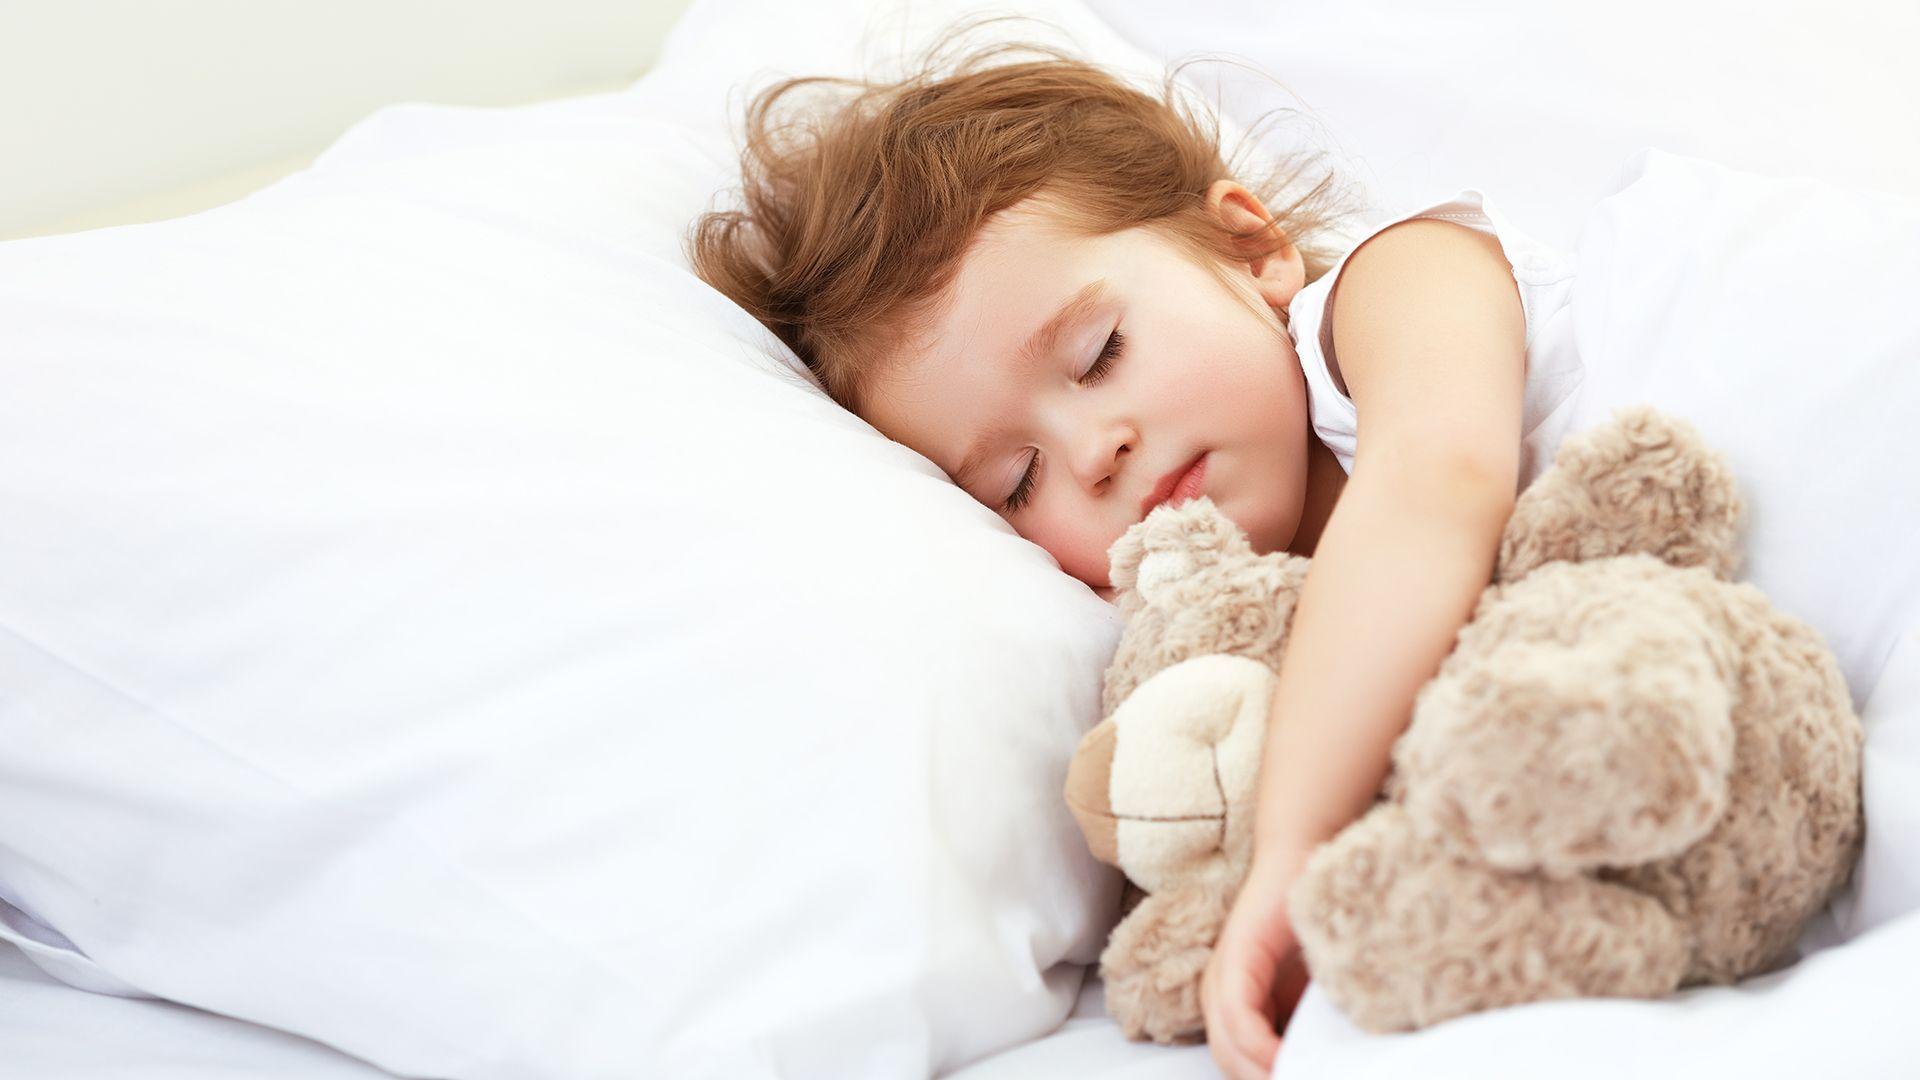 doorslapen-peuter-slapen-slaapritueel